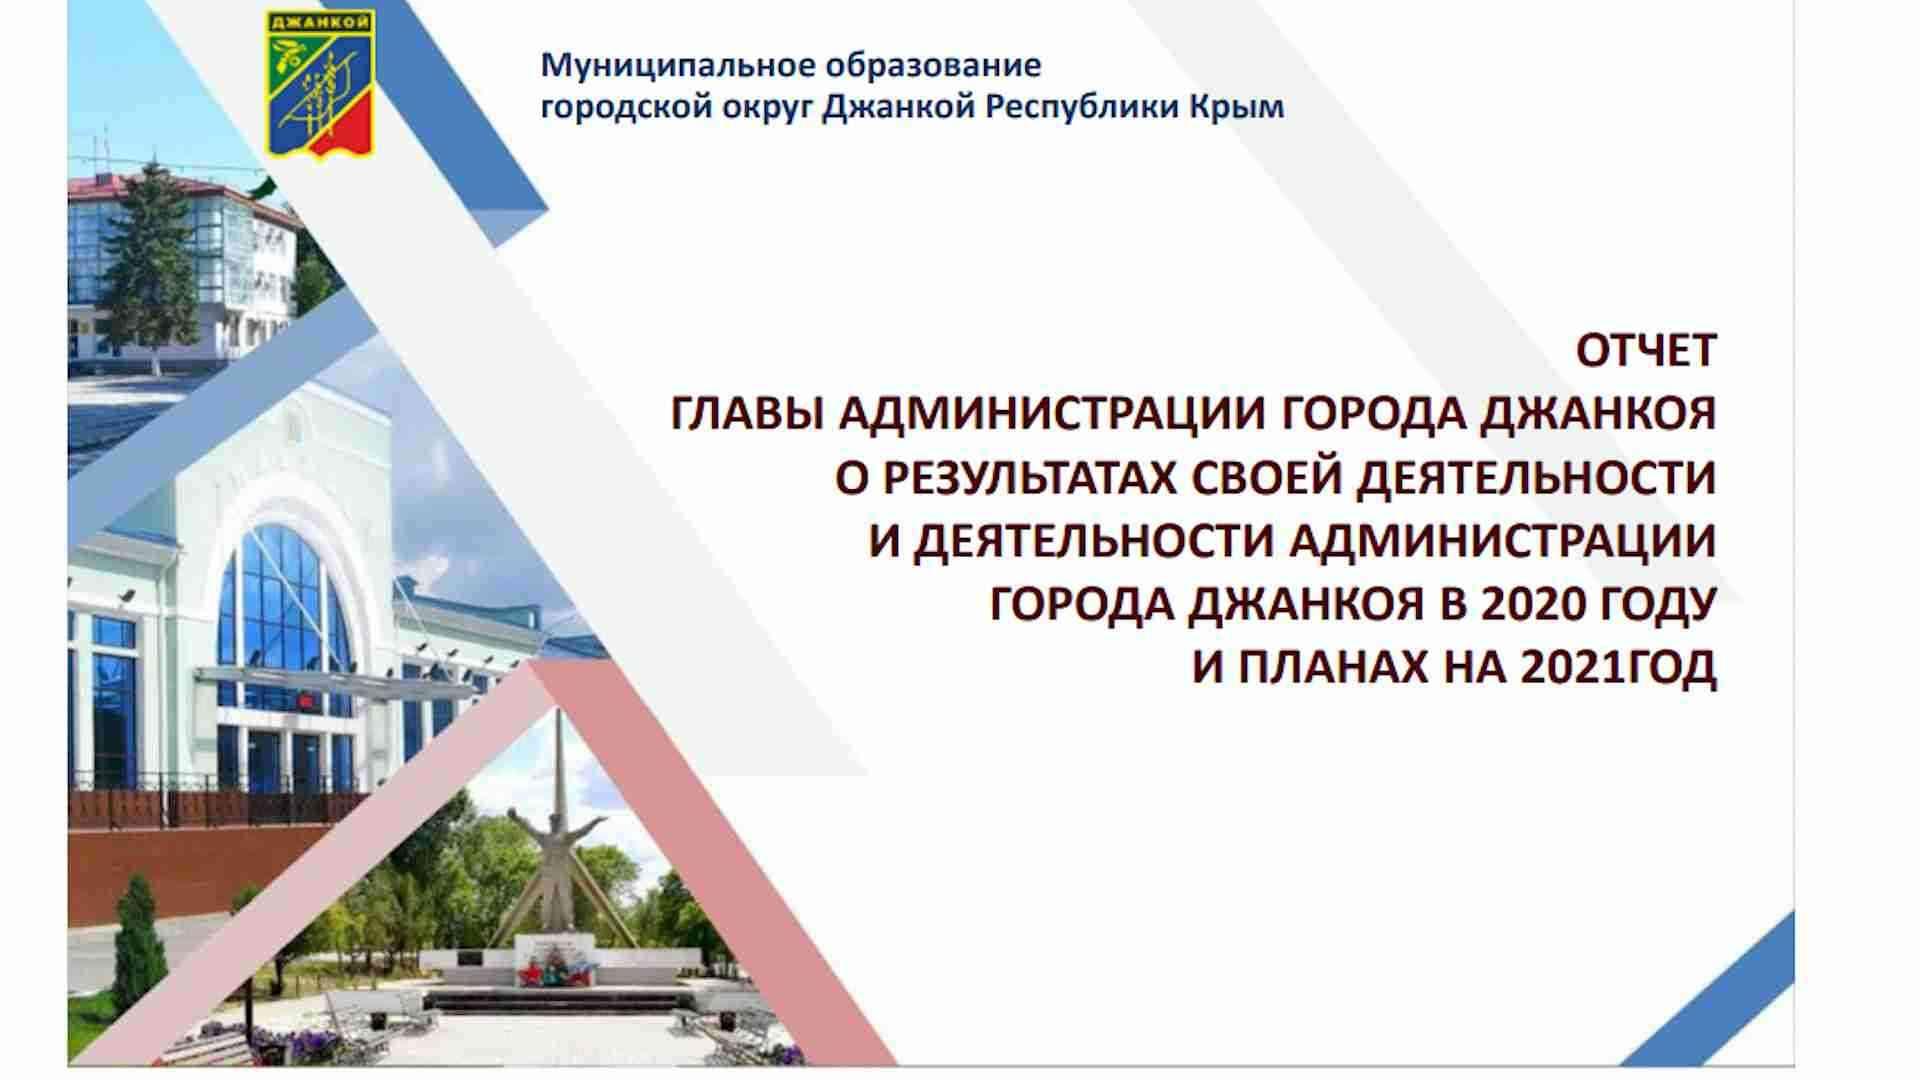 Джанкой лидирует в рейтинге муниципальных образований